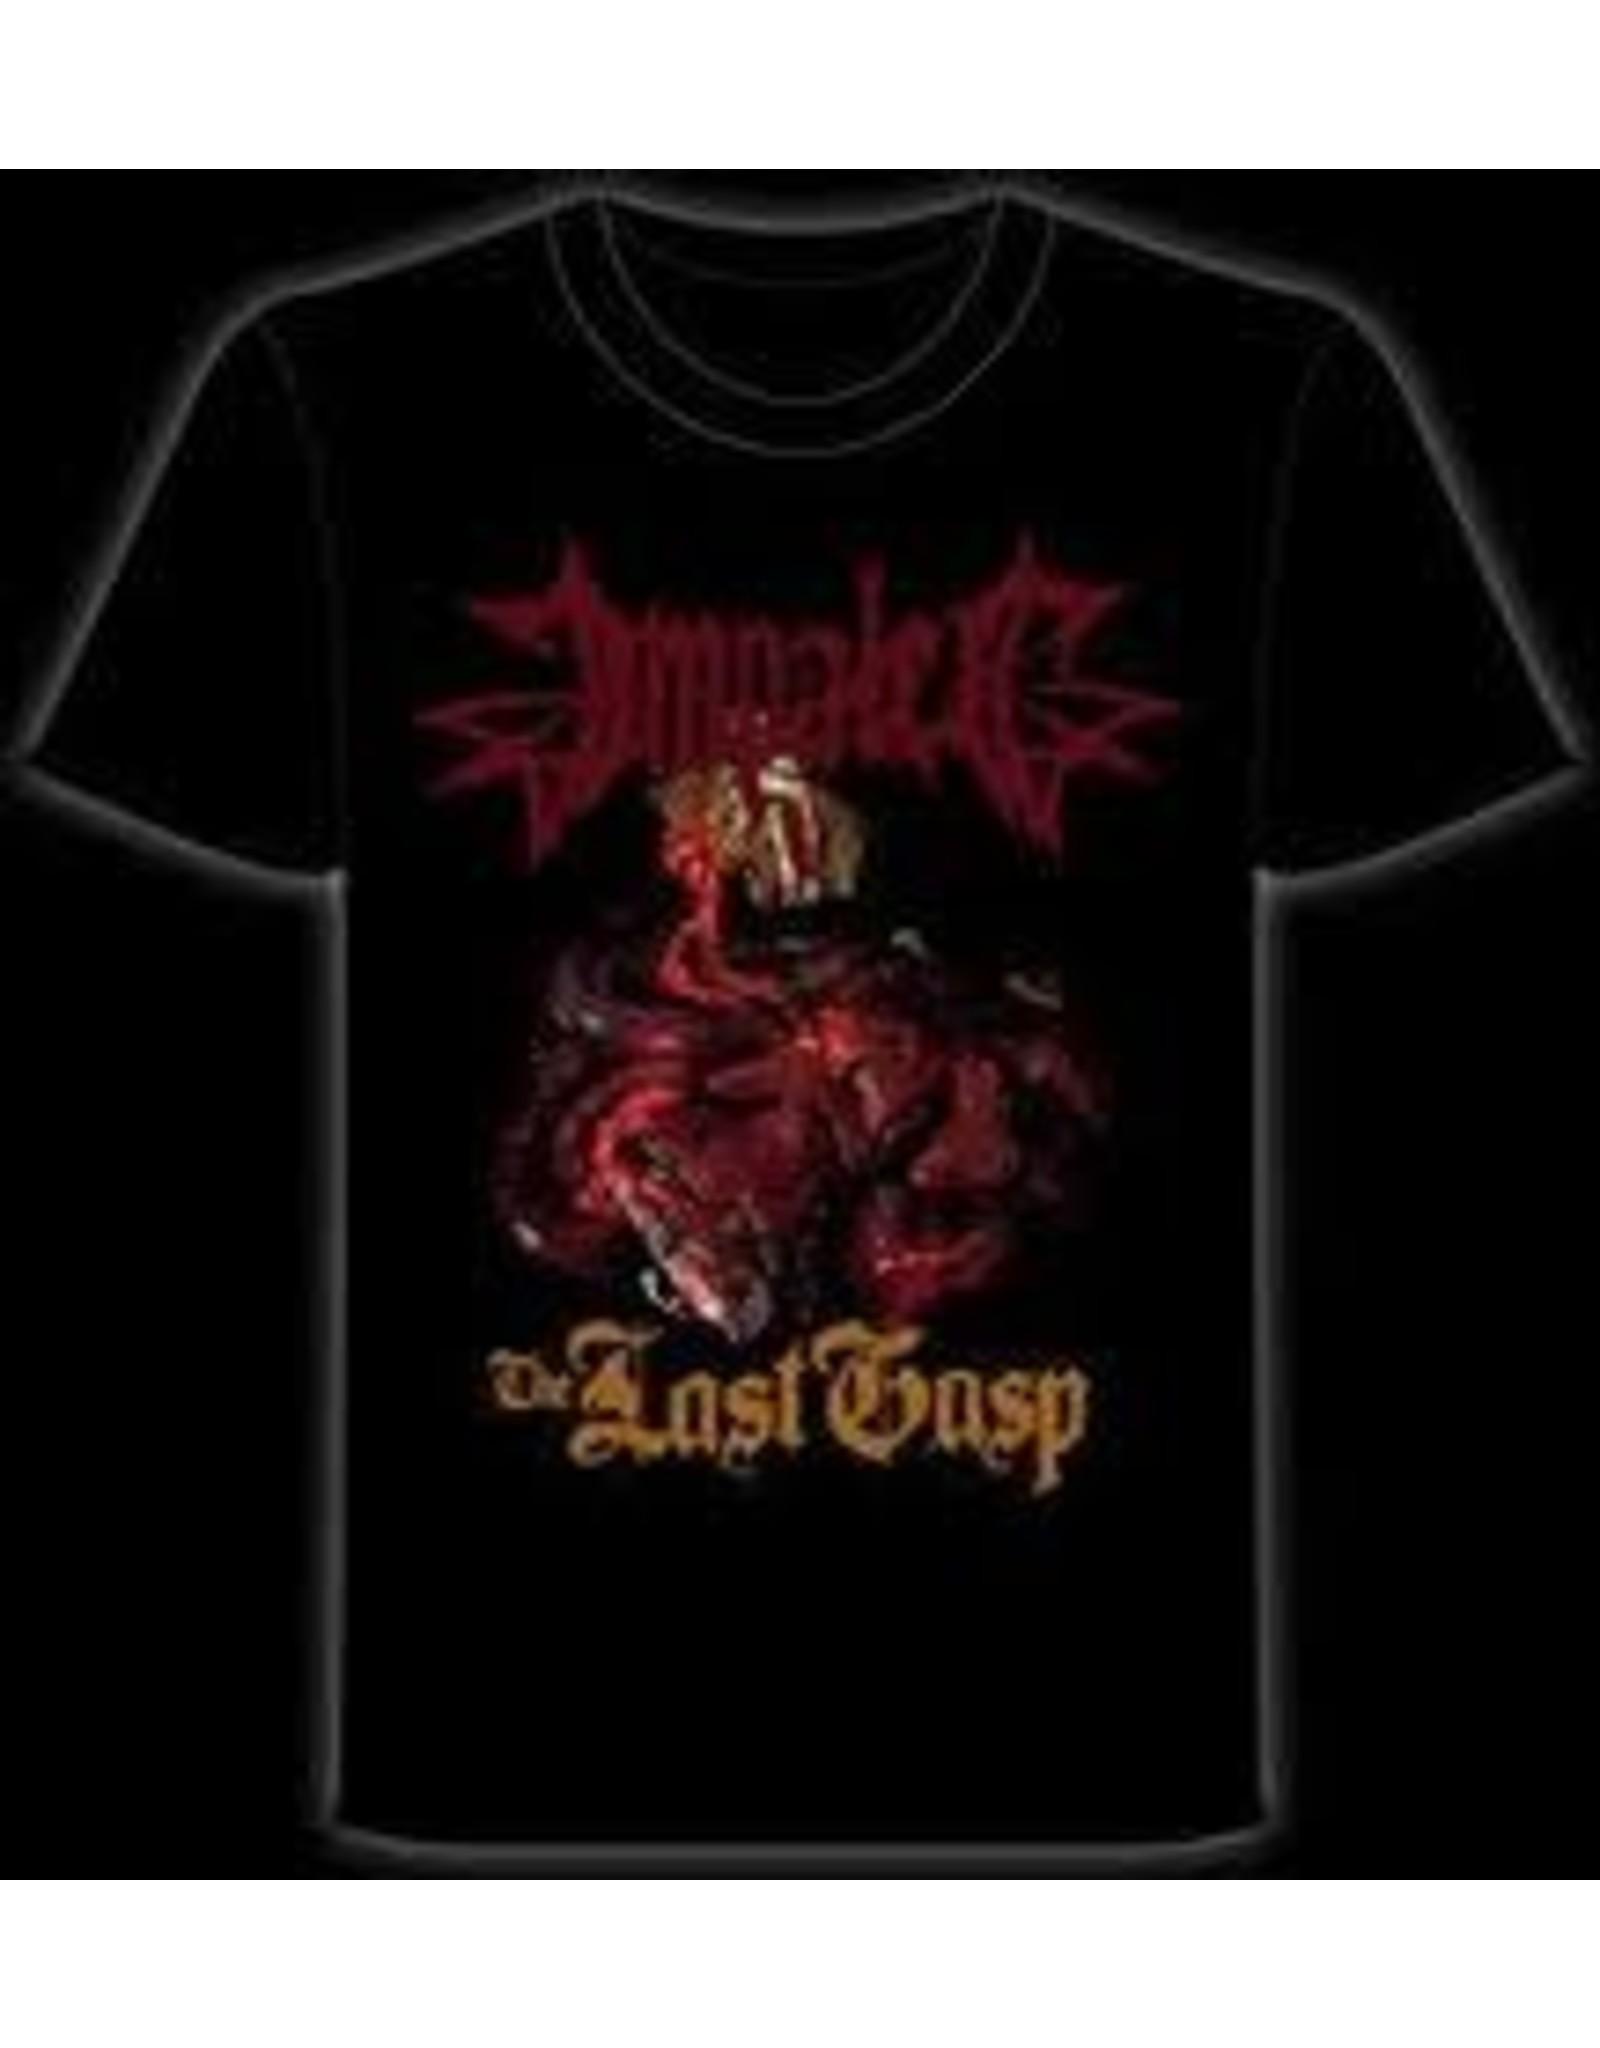 Impaled Last Gasp Shirt